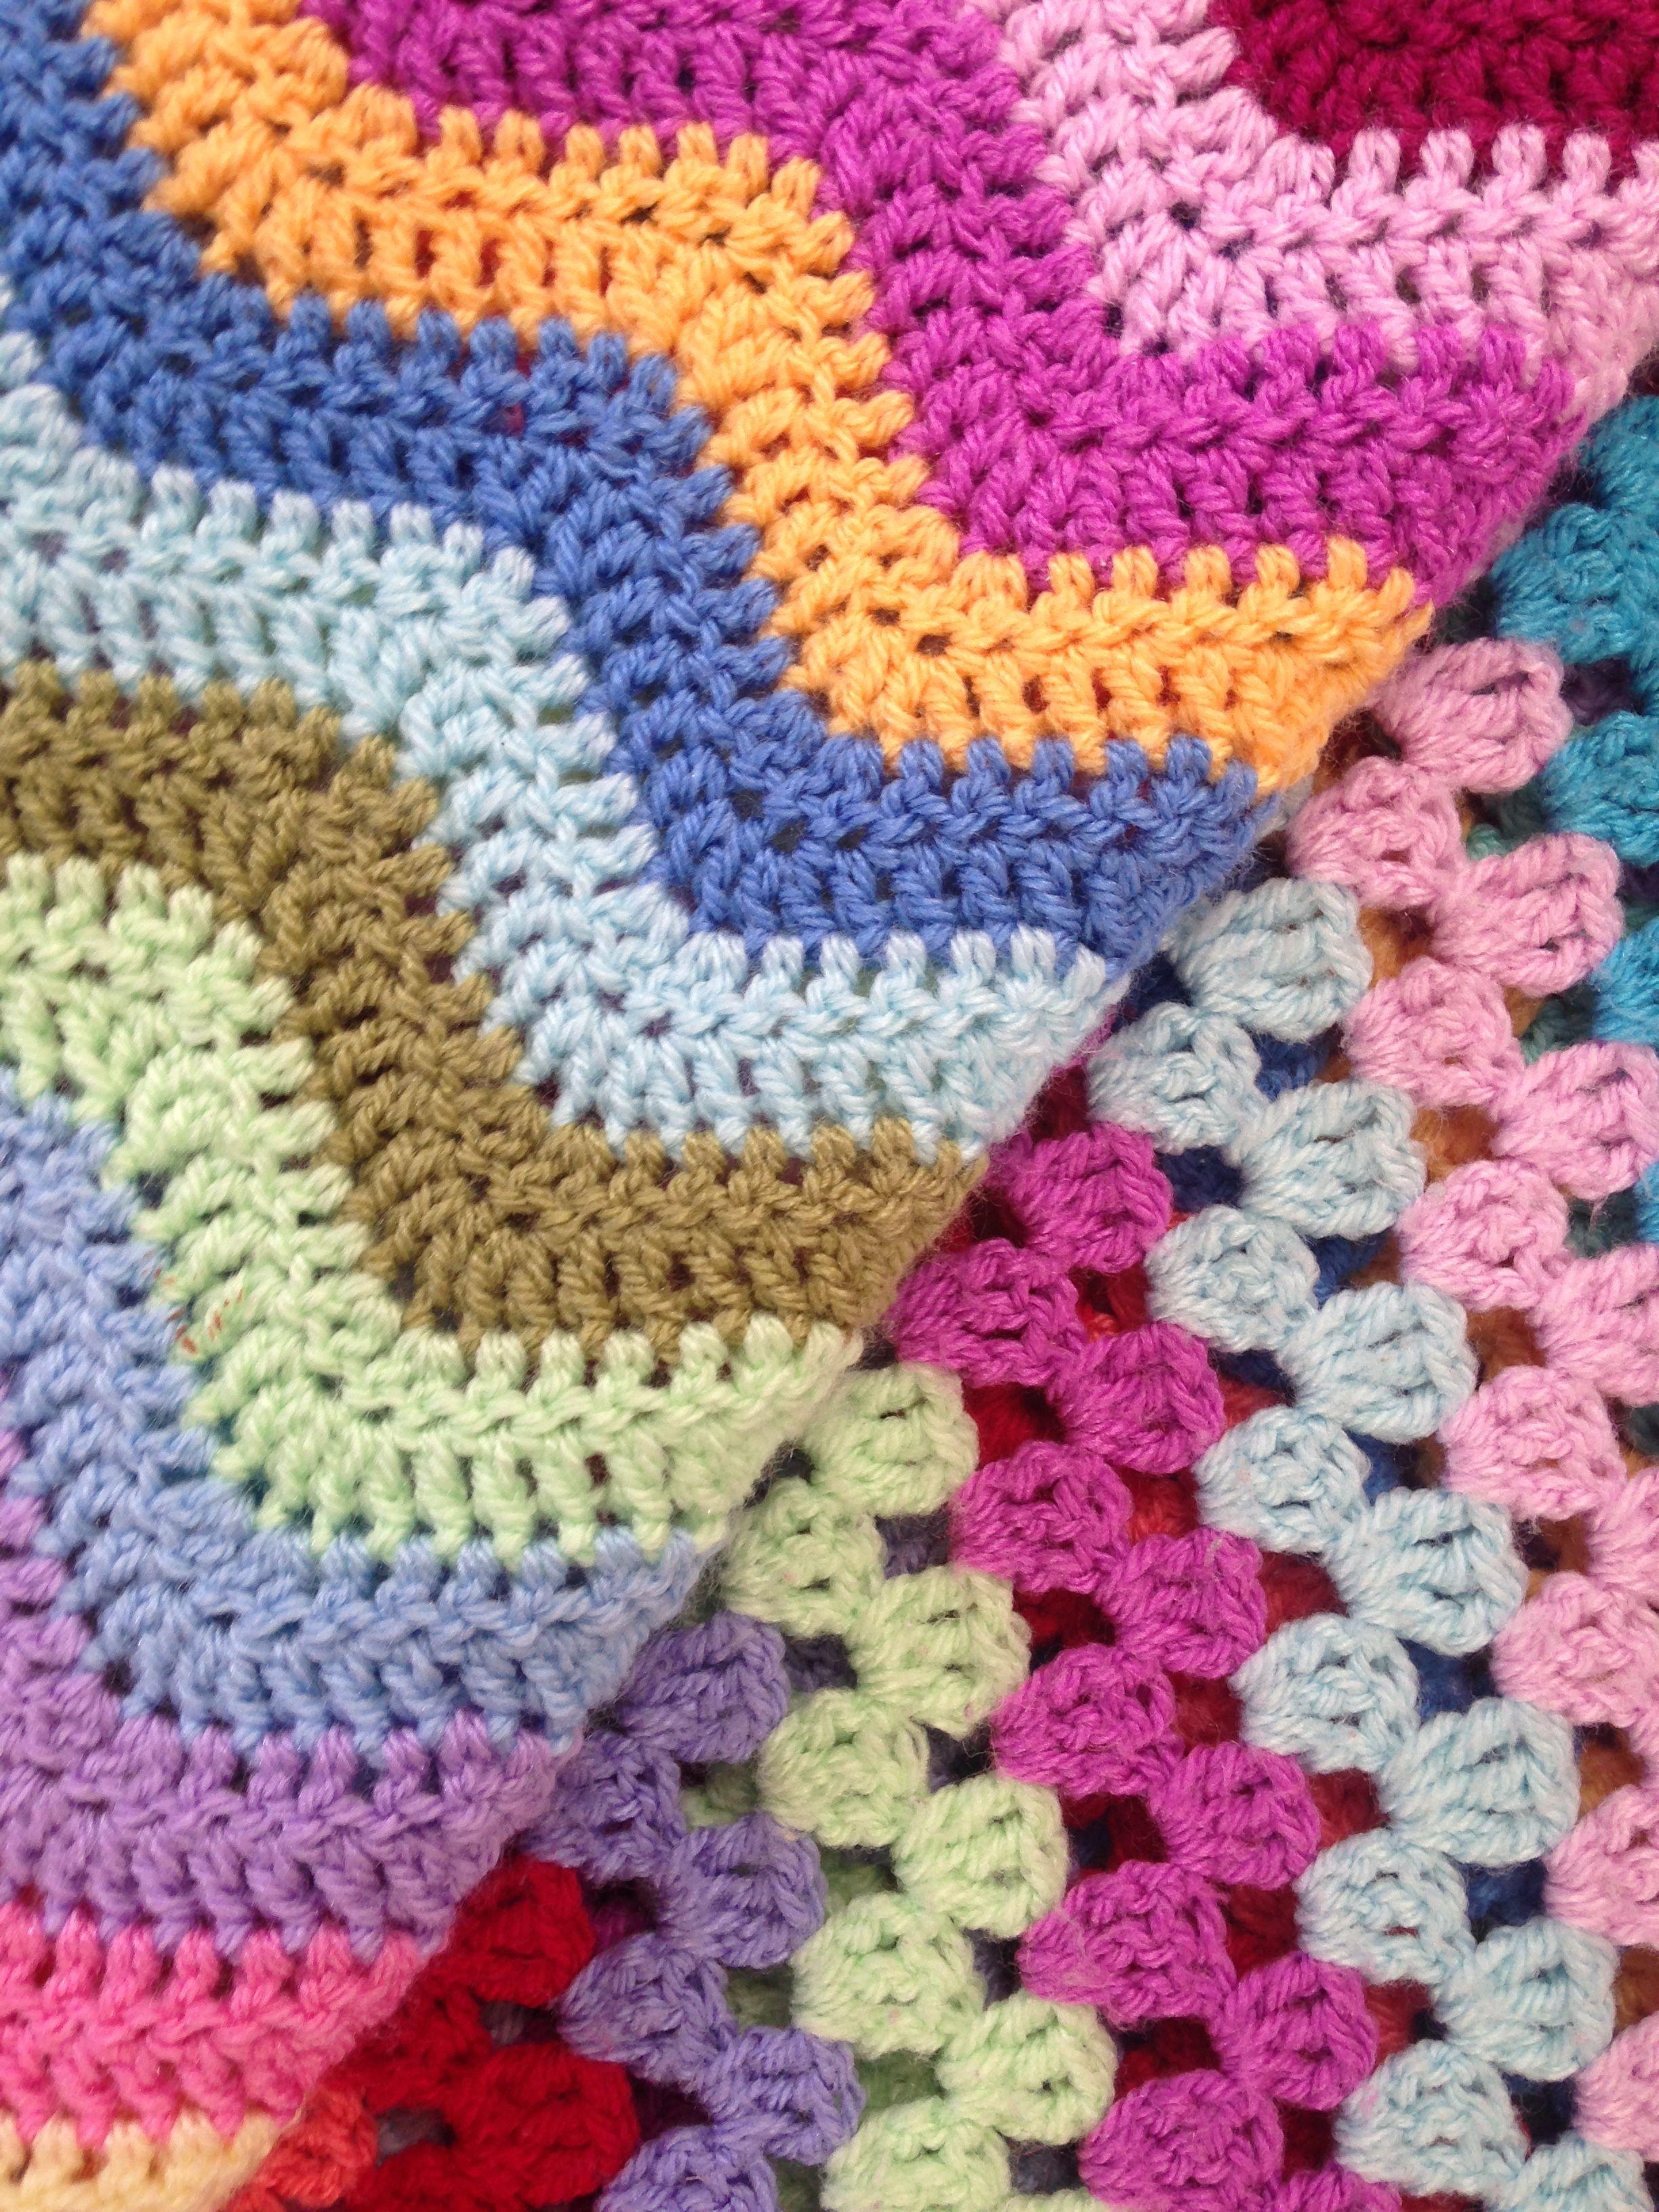 The Making Of My Attic 24 Ripple Blanket Blanket Granny Stripe Blanket Crochet Blanket